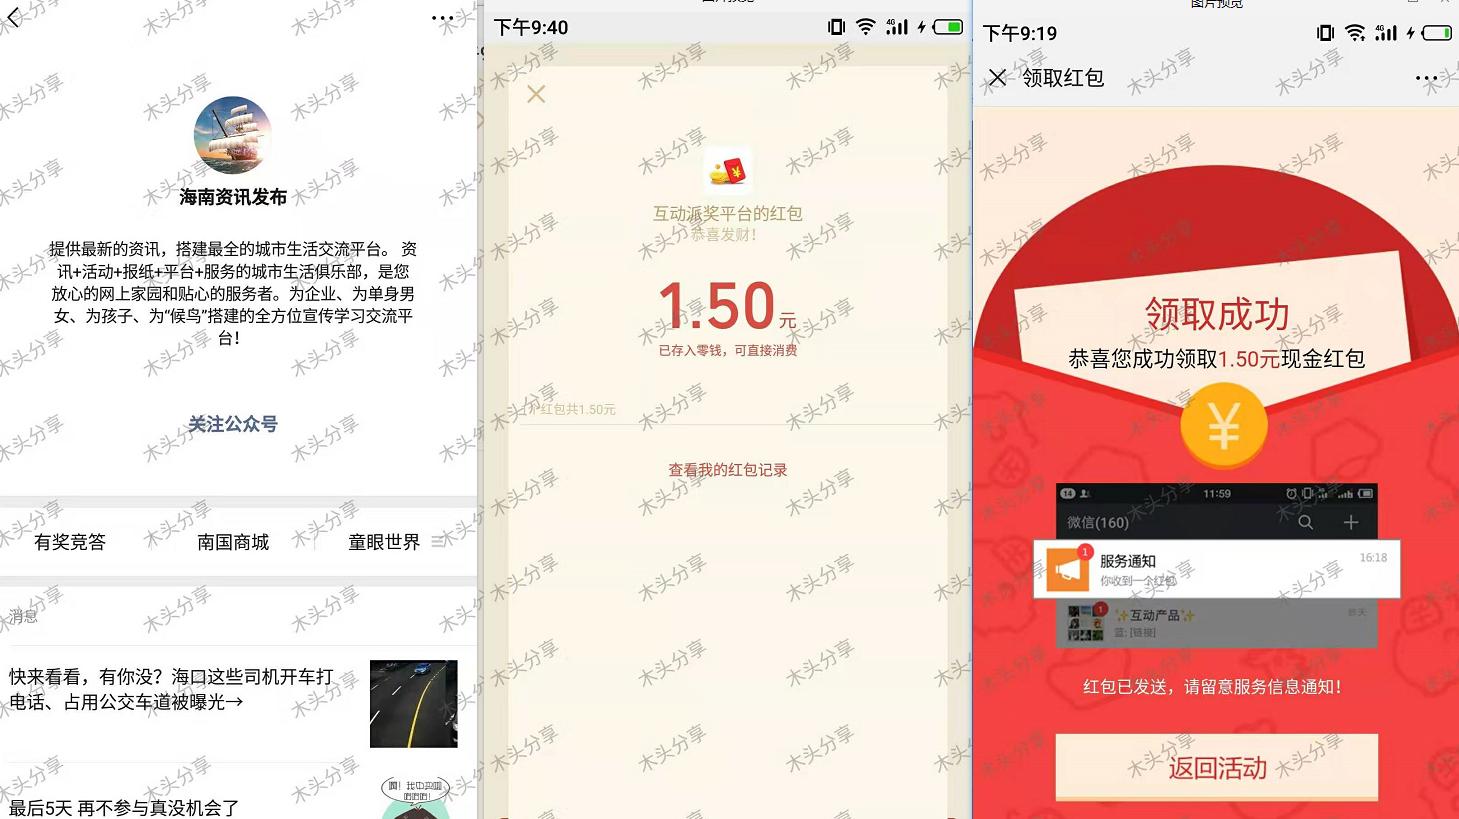 【现金红包】海南资讯发布,大概率必中!